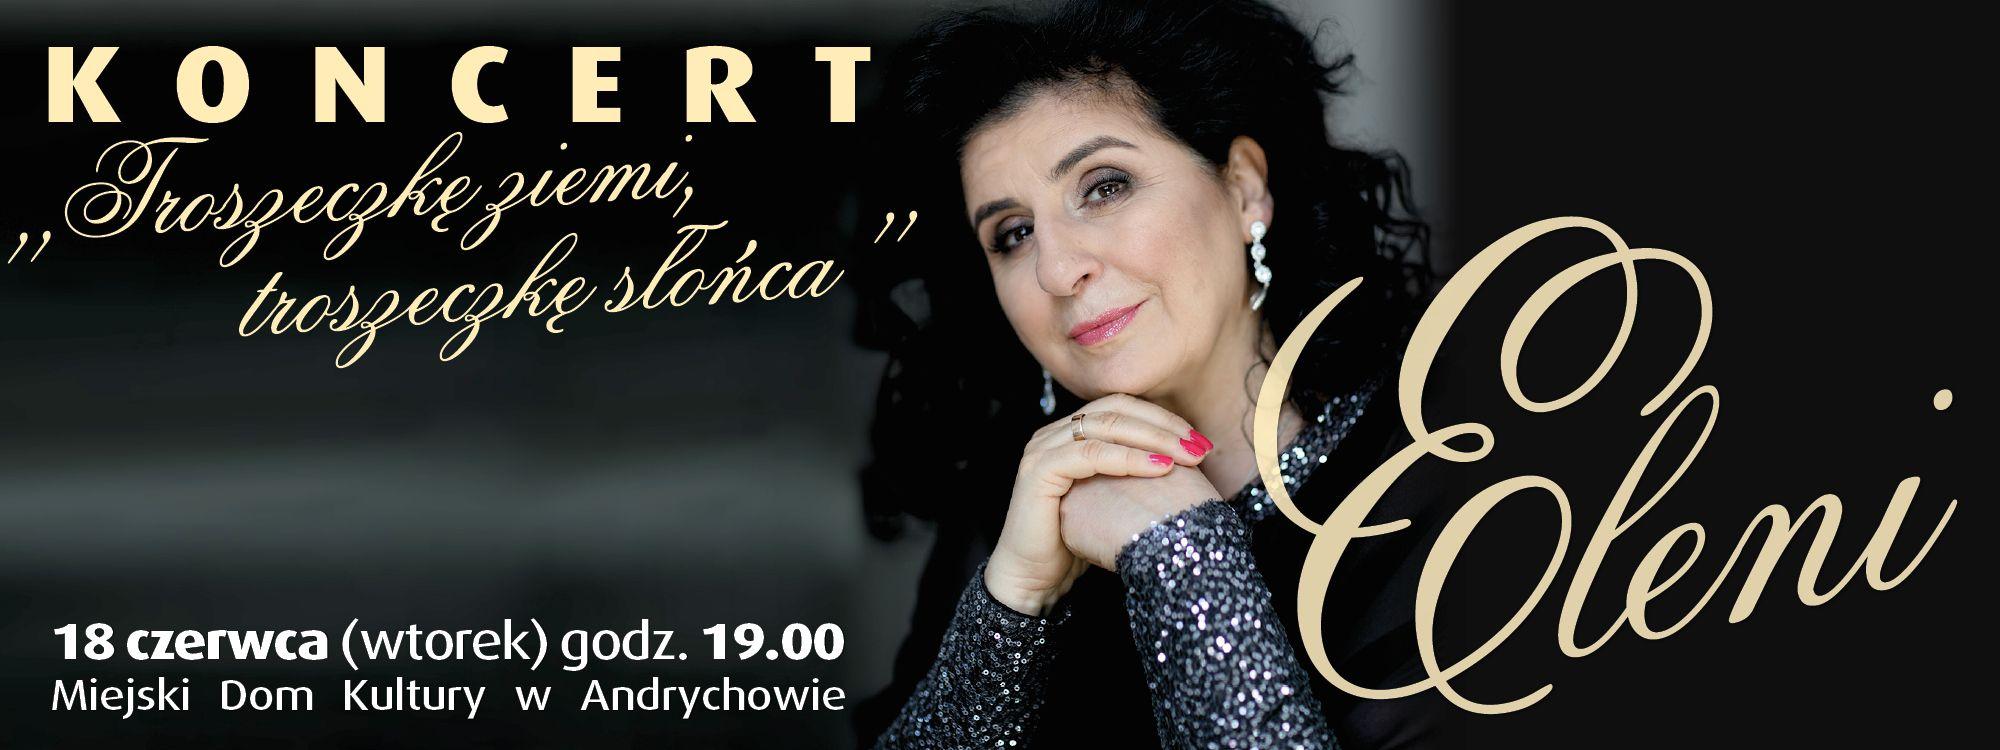 Szykuje się wspaniały koncert w Andrychowie...